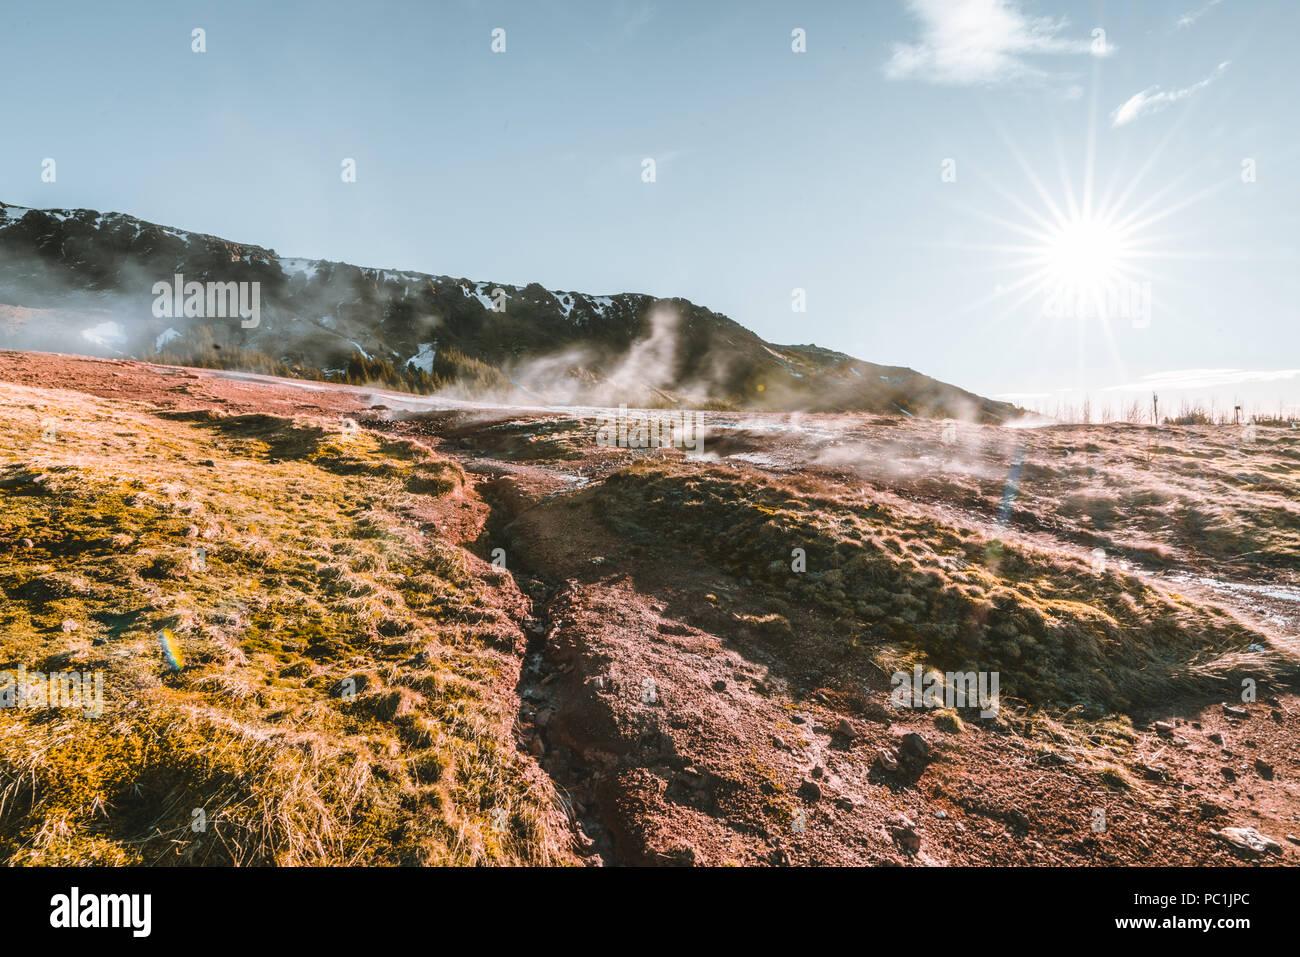 Acqua bollente e fango in area geotermale Reykjadalur valley nel sud dell'Islanda Immagini Stock